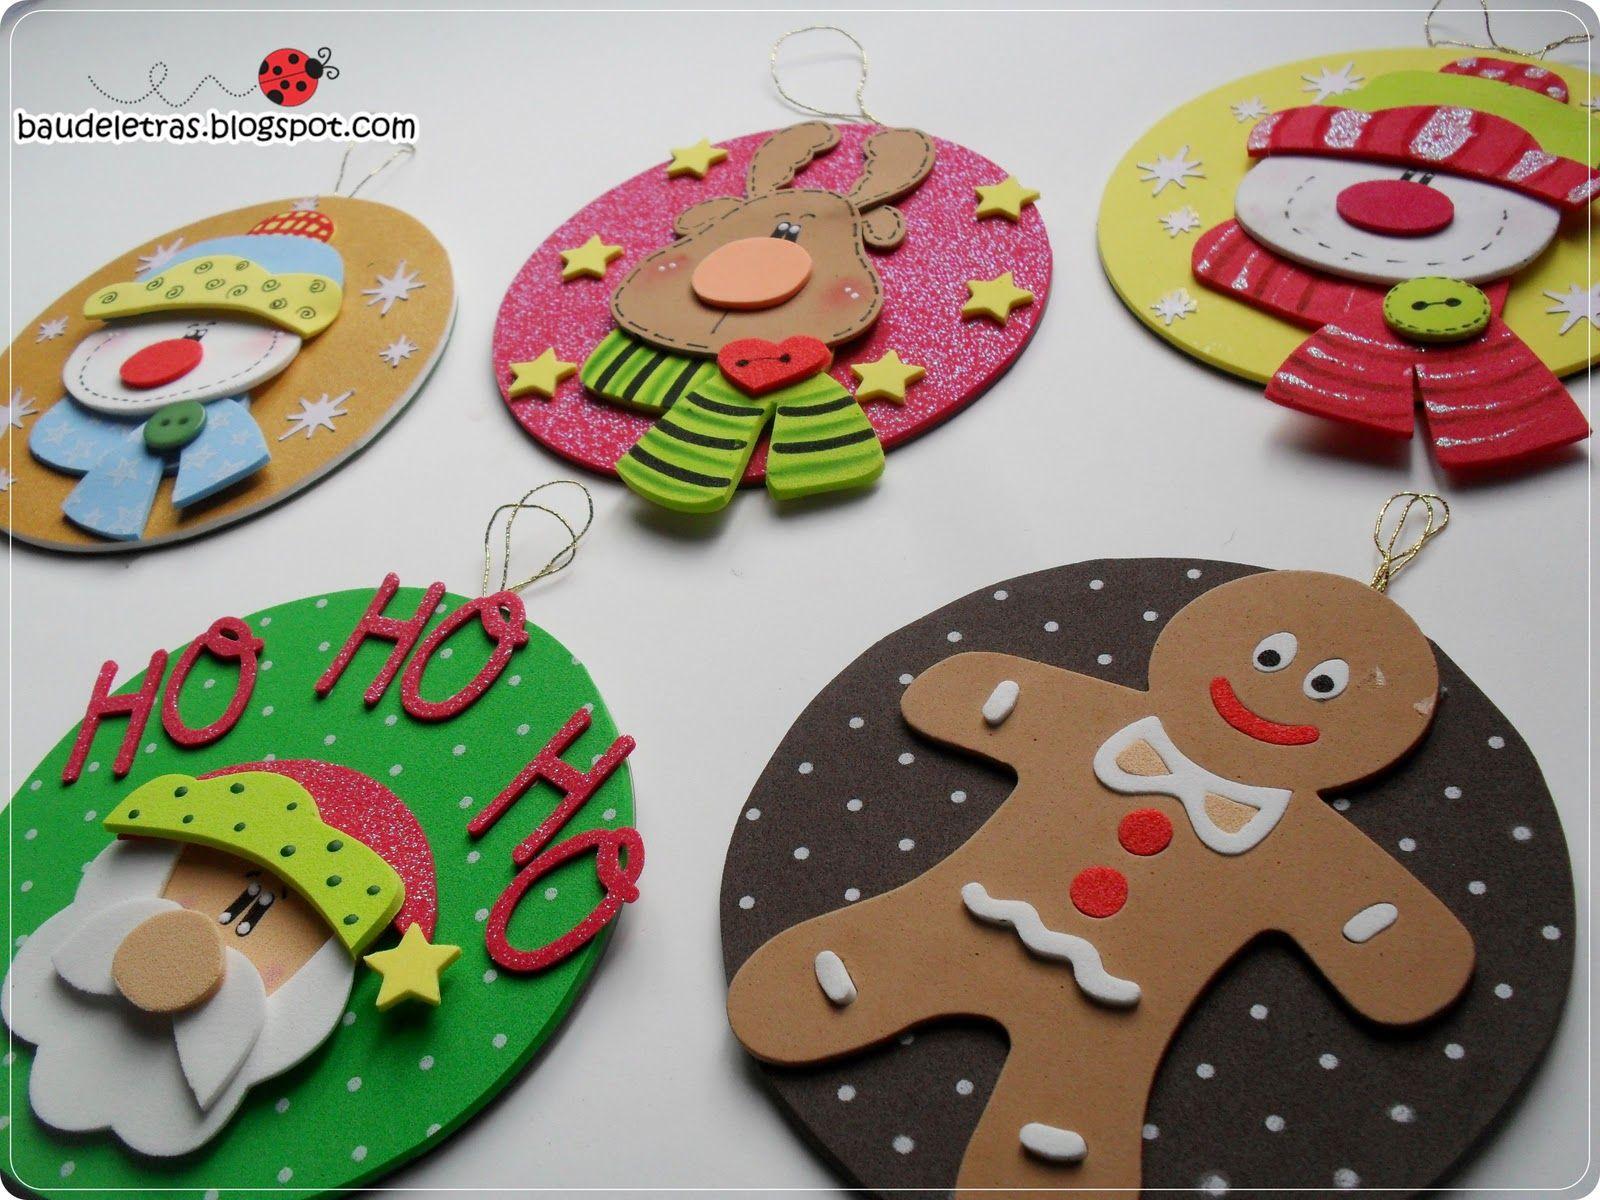 aqui tienes ms adornos navideos en gomae eva foamy para decorar el rbol o tu hogar